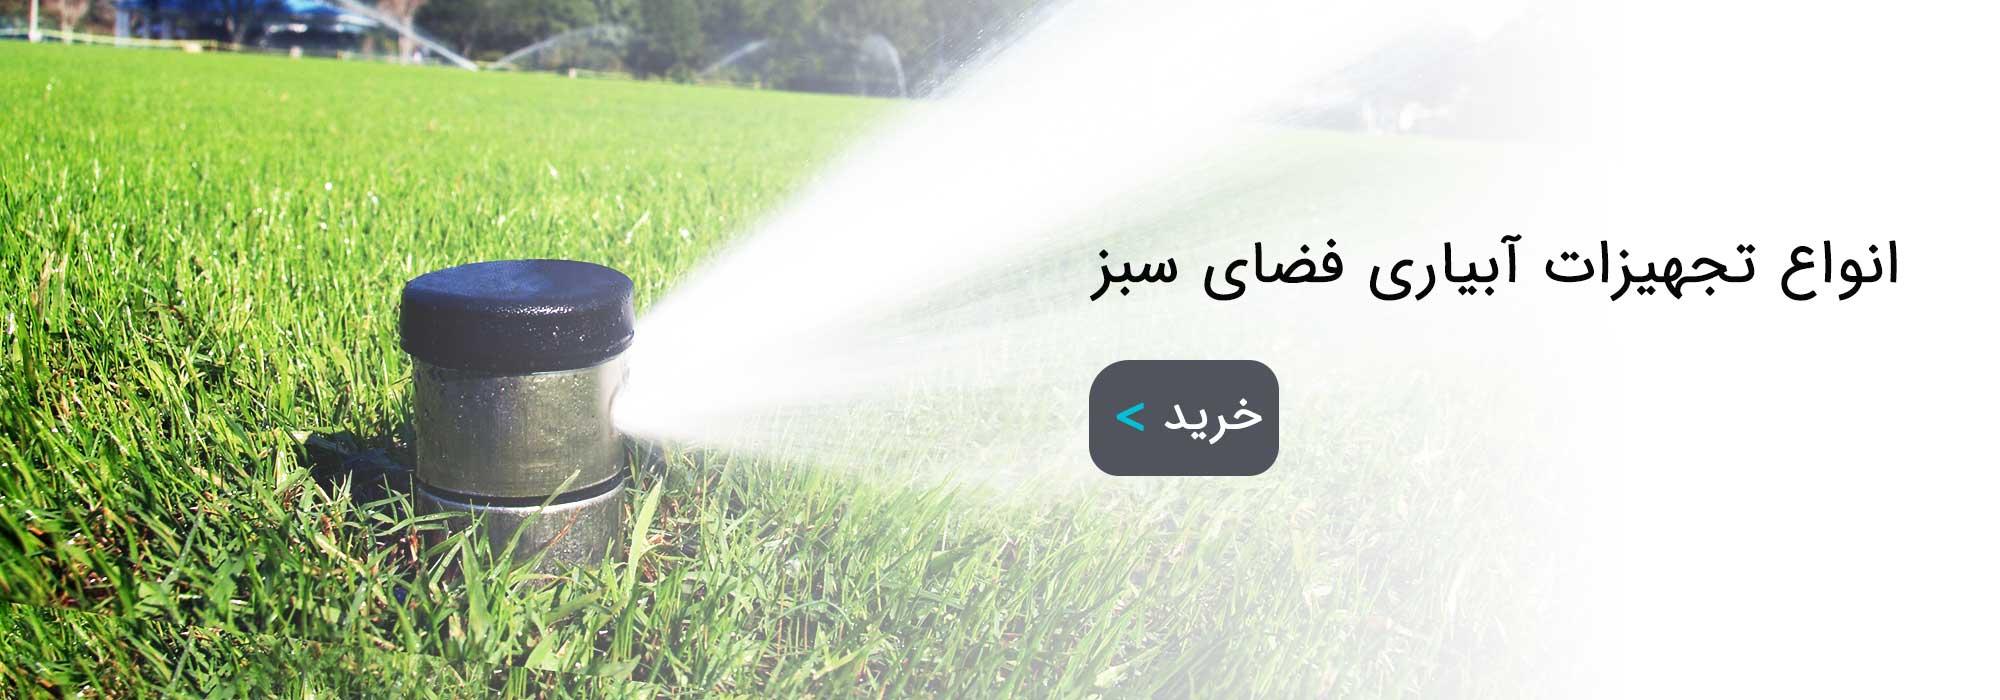 تجهیزات آبیاری آبیاری بارانی آبیاری چمن آبیاری فضای سبز آبیاری تحت فشار